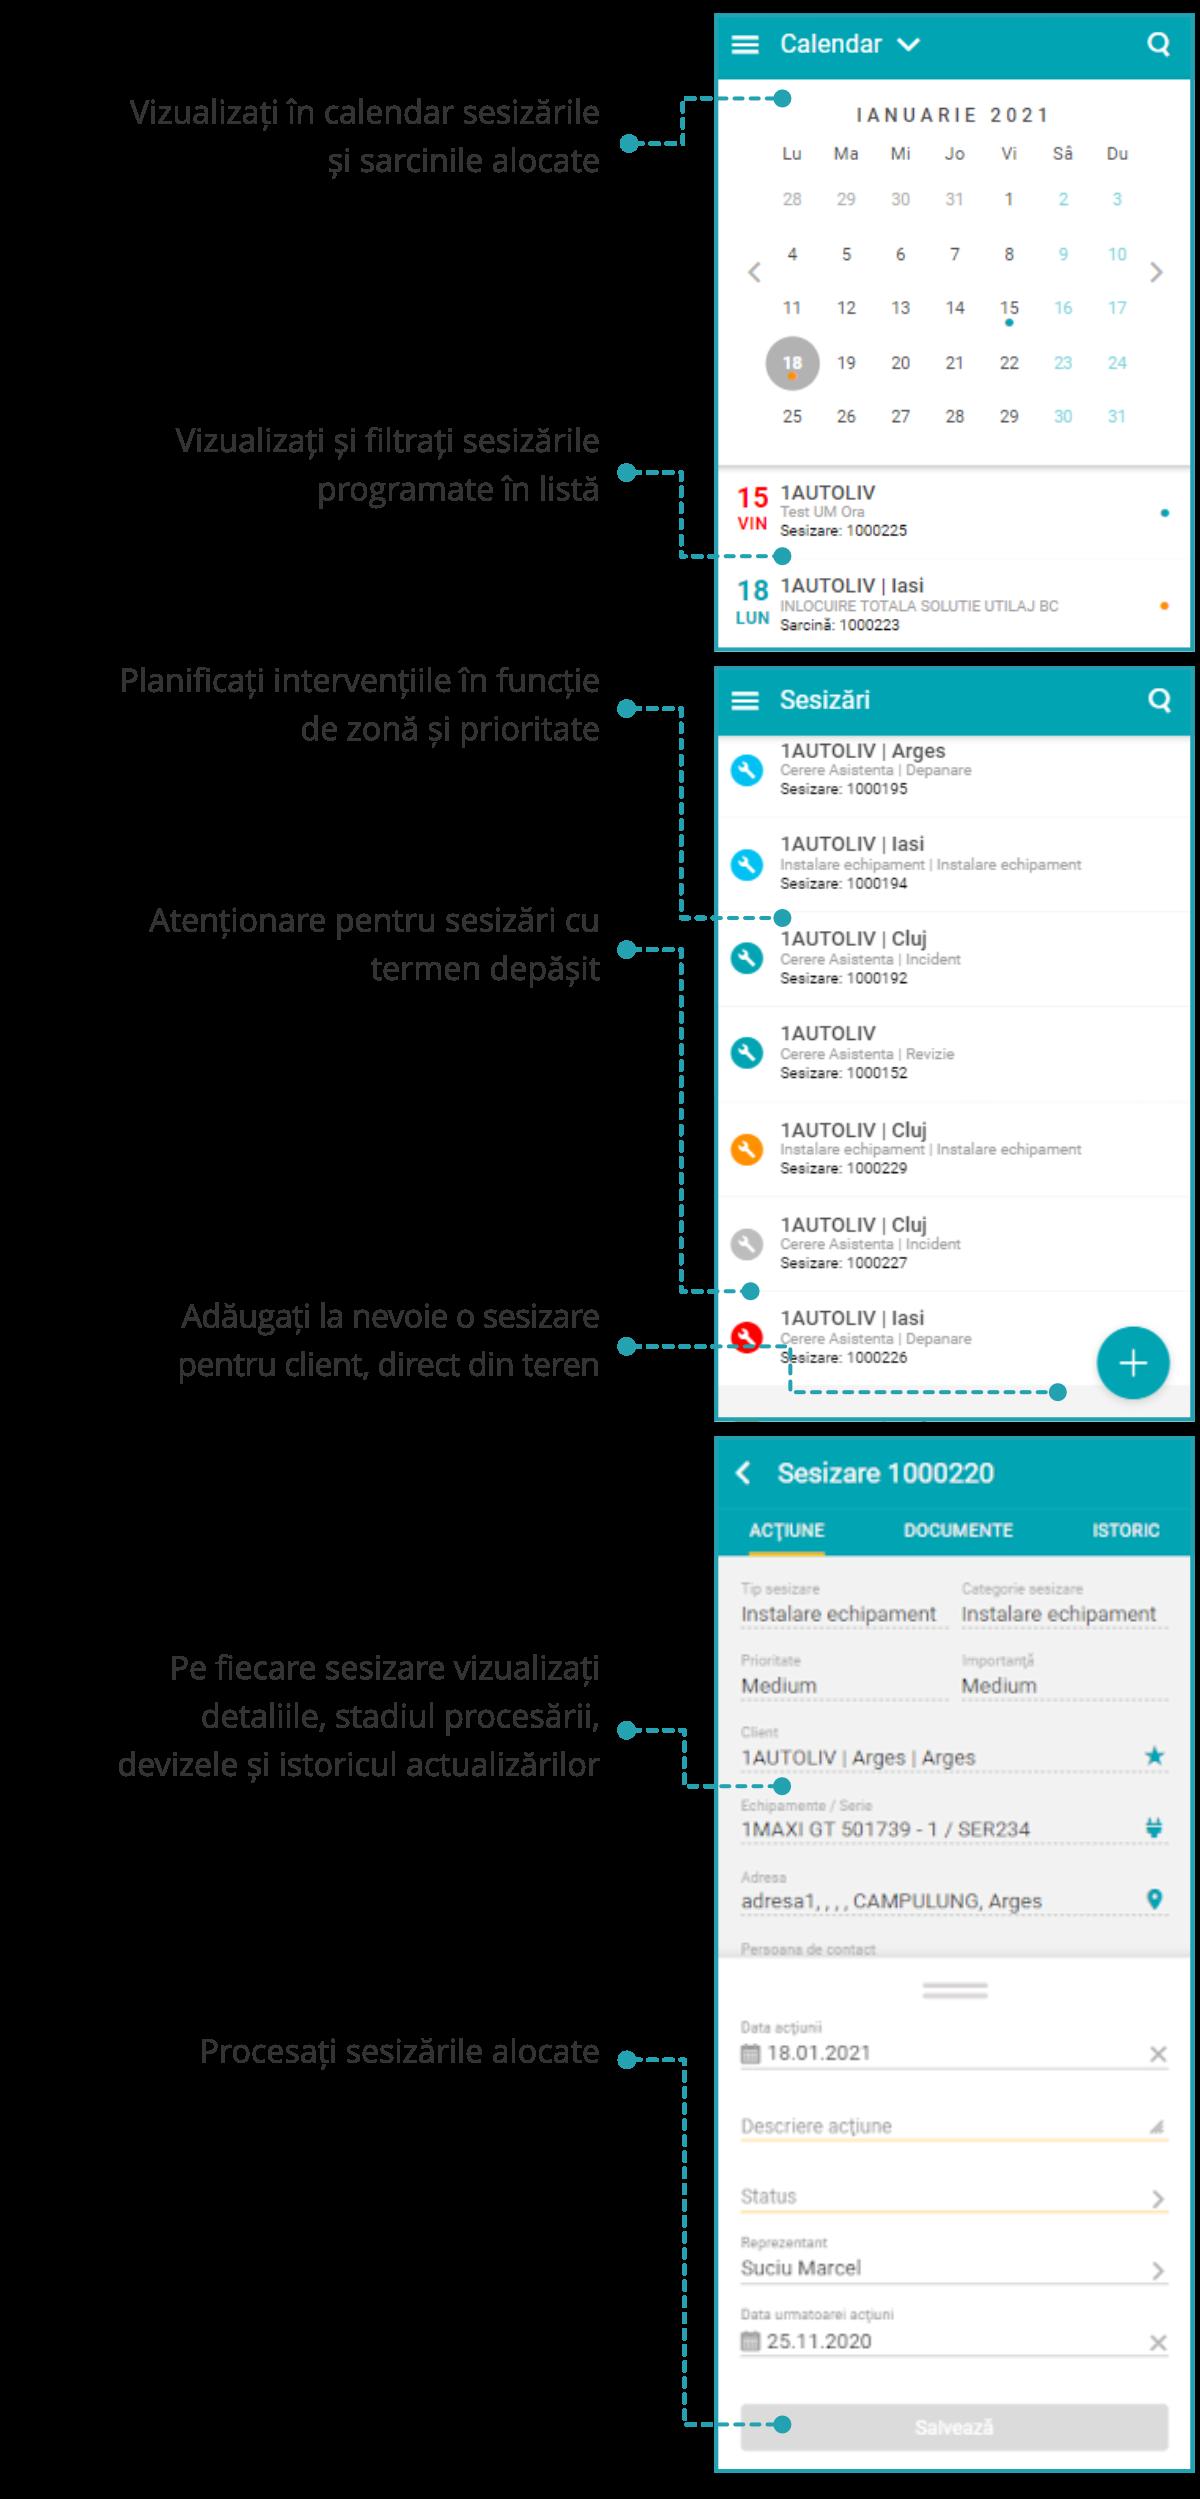 SocrateService - Aplicație mobilă pentru reprezentanții de service